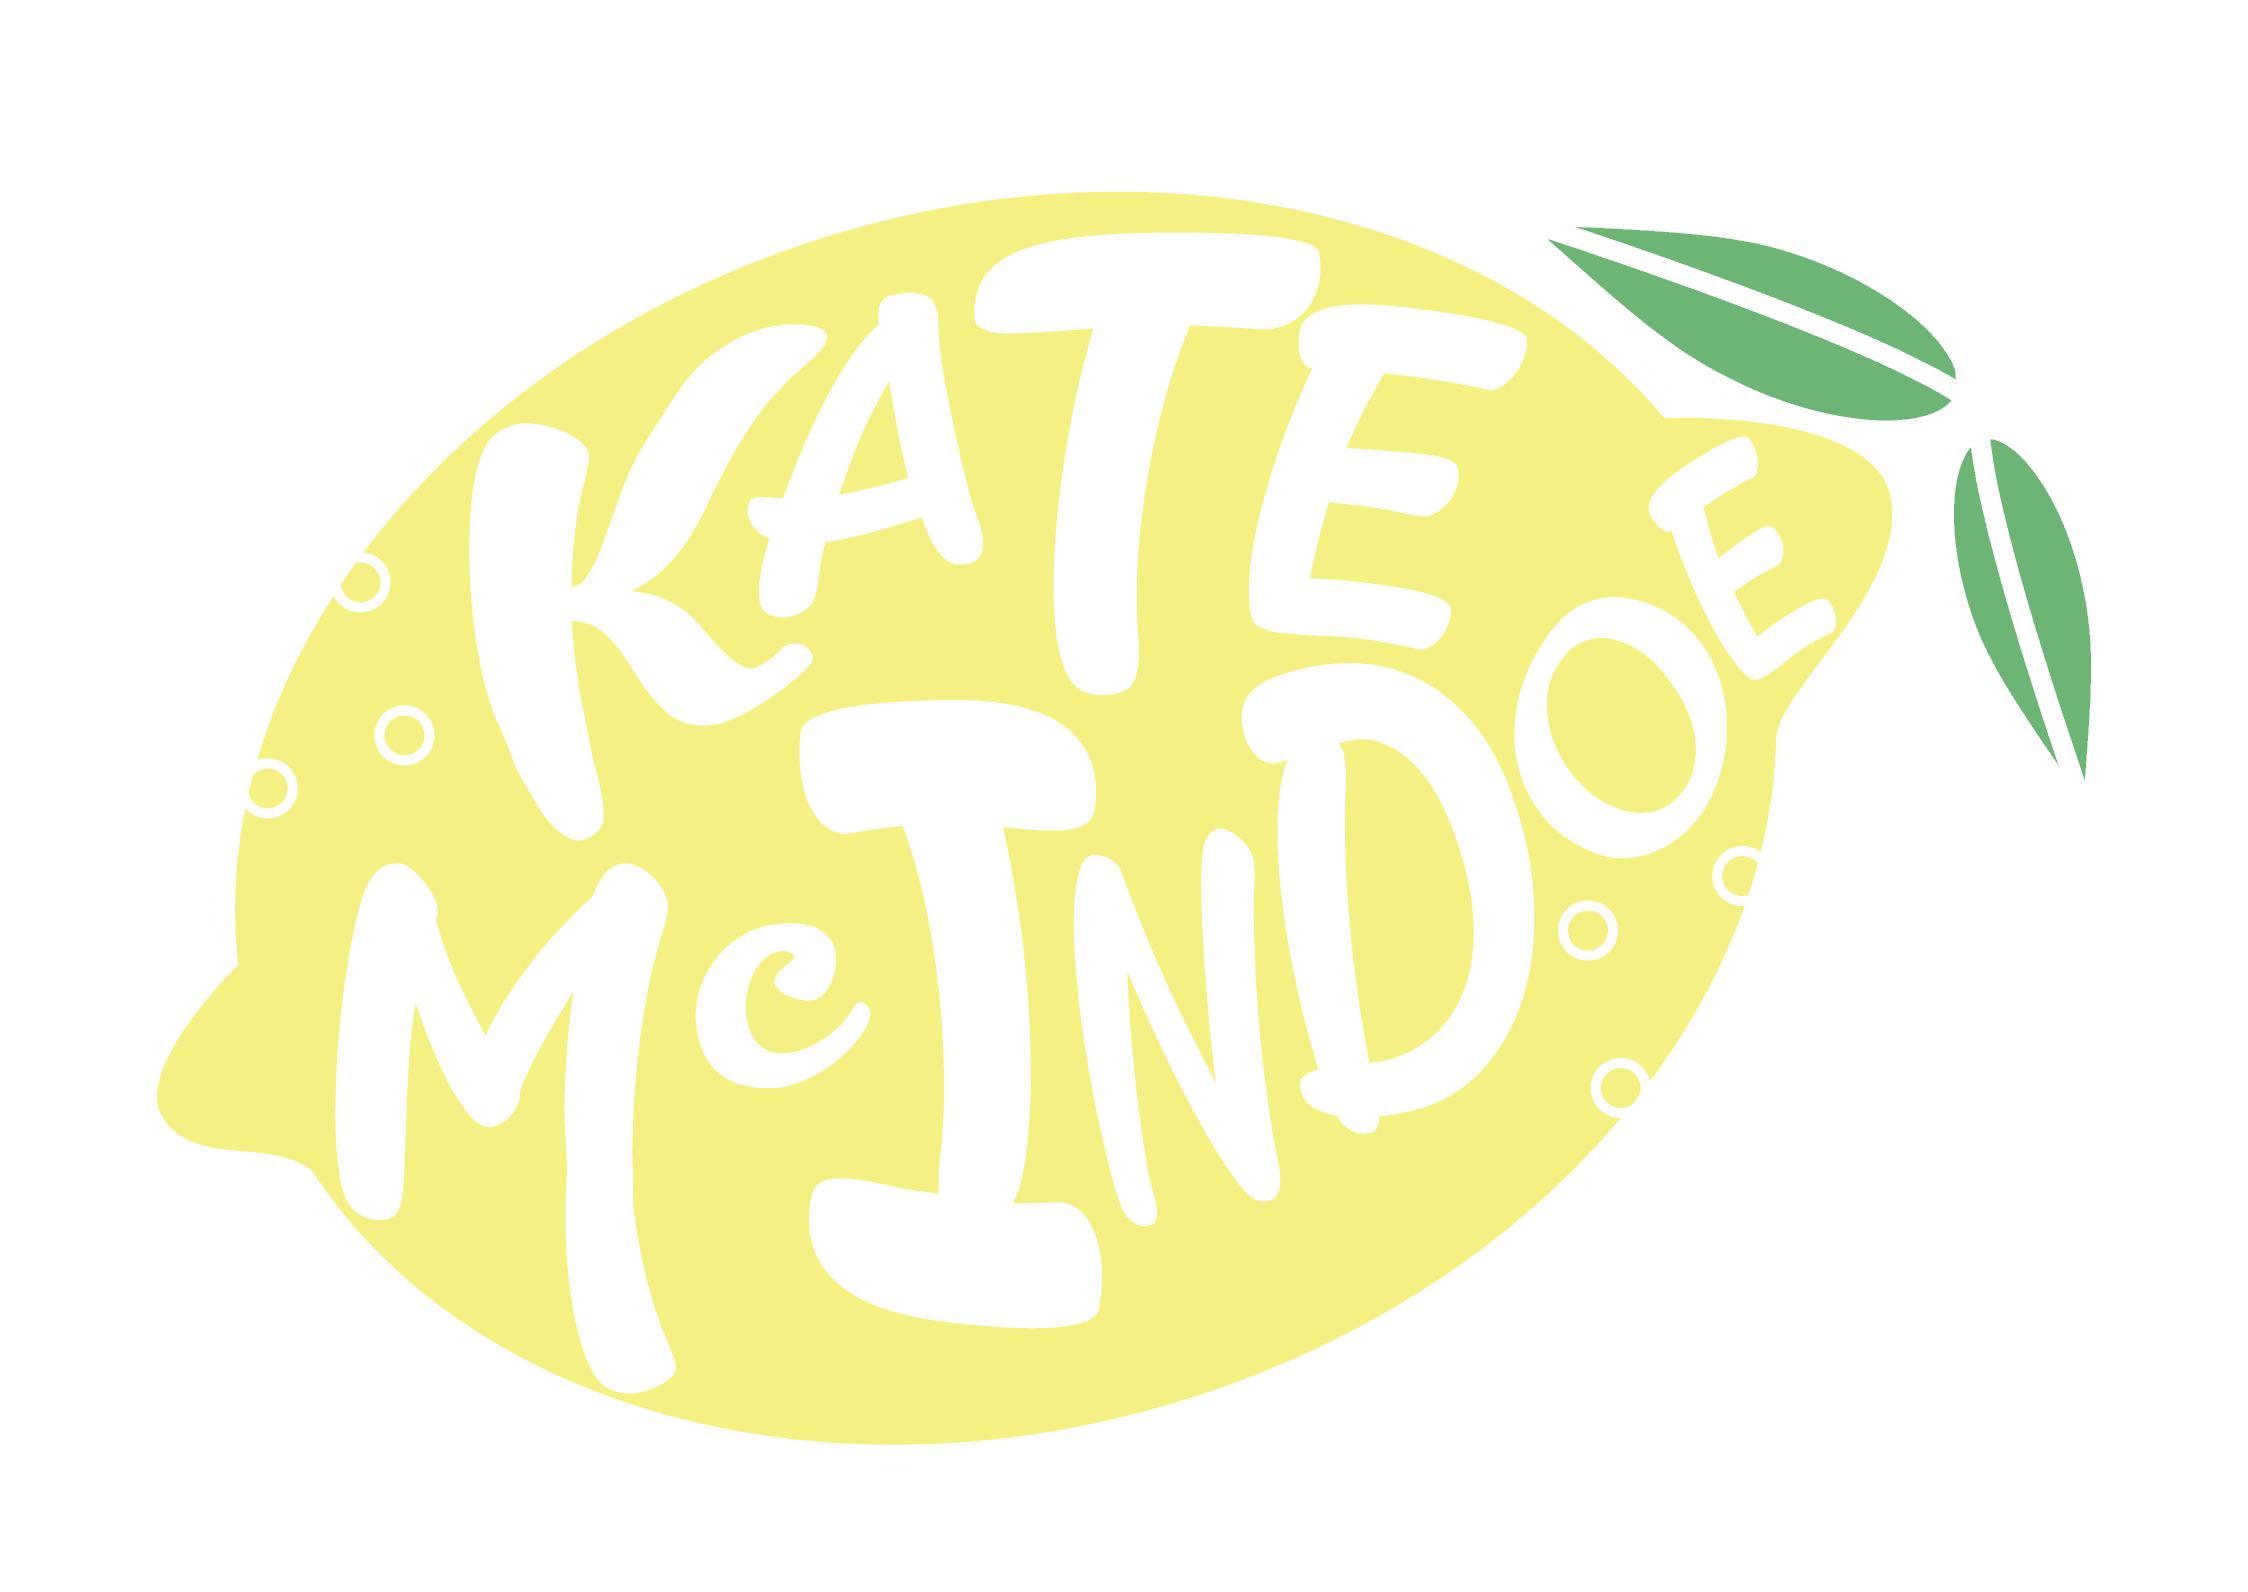 Kate McIndoe.